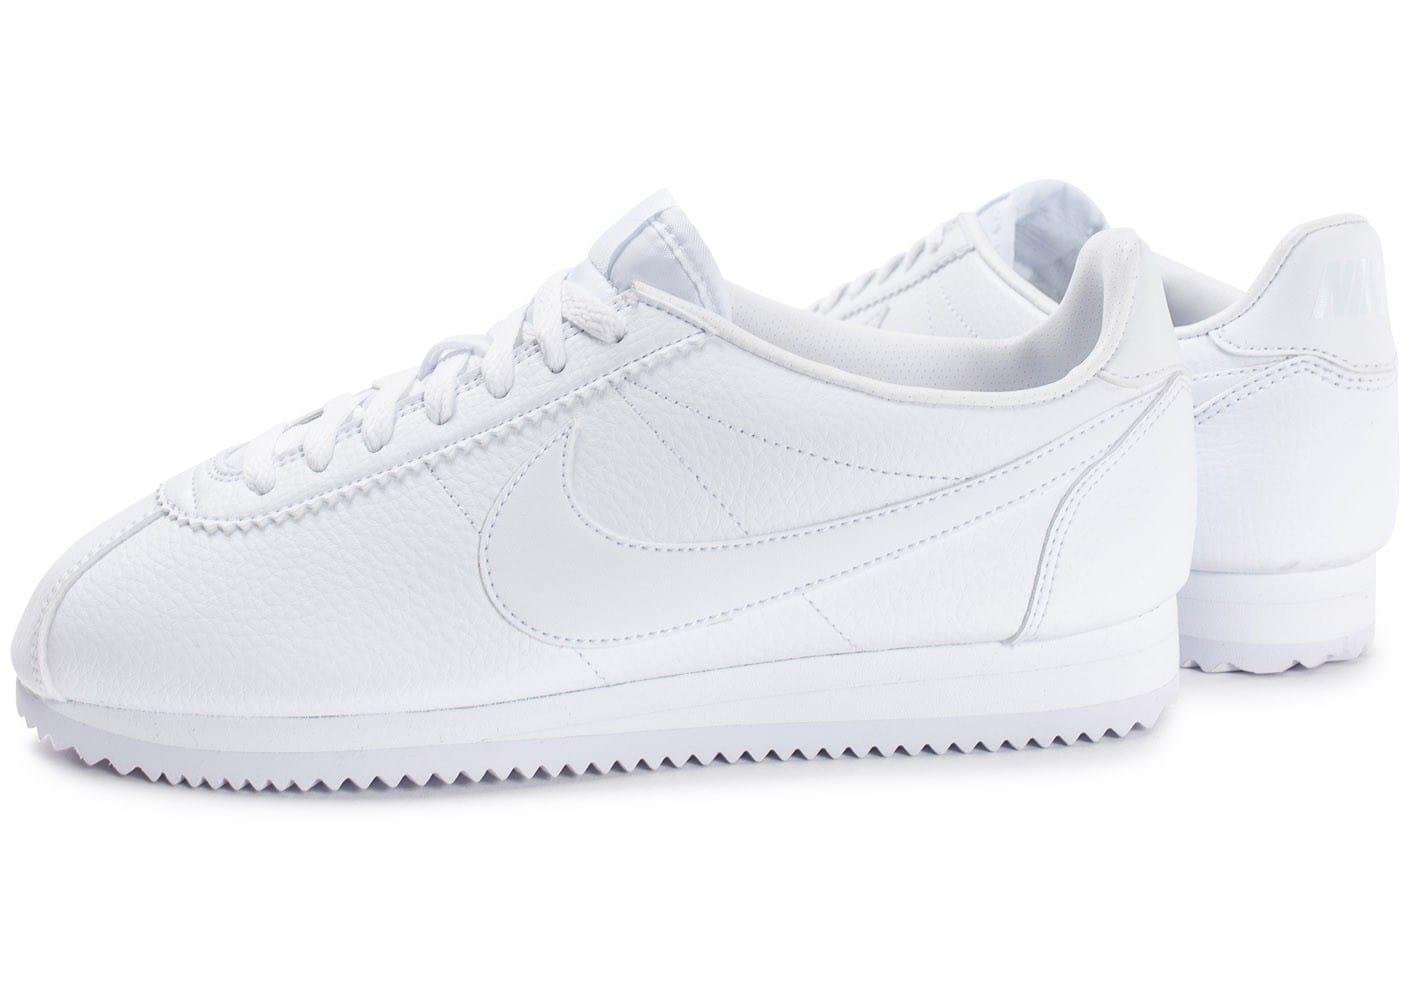 wholesale dealer f0791 d7c90 nike cortez homme blanche, Cliquez pour zoomer Chaussures Nike Cortez  Leather blanche vue extérieure .